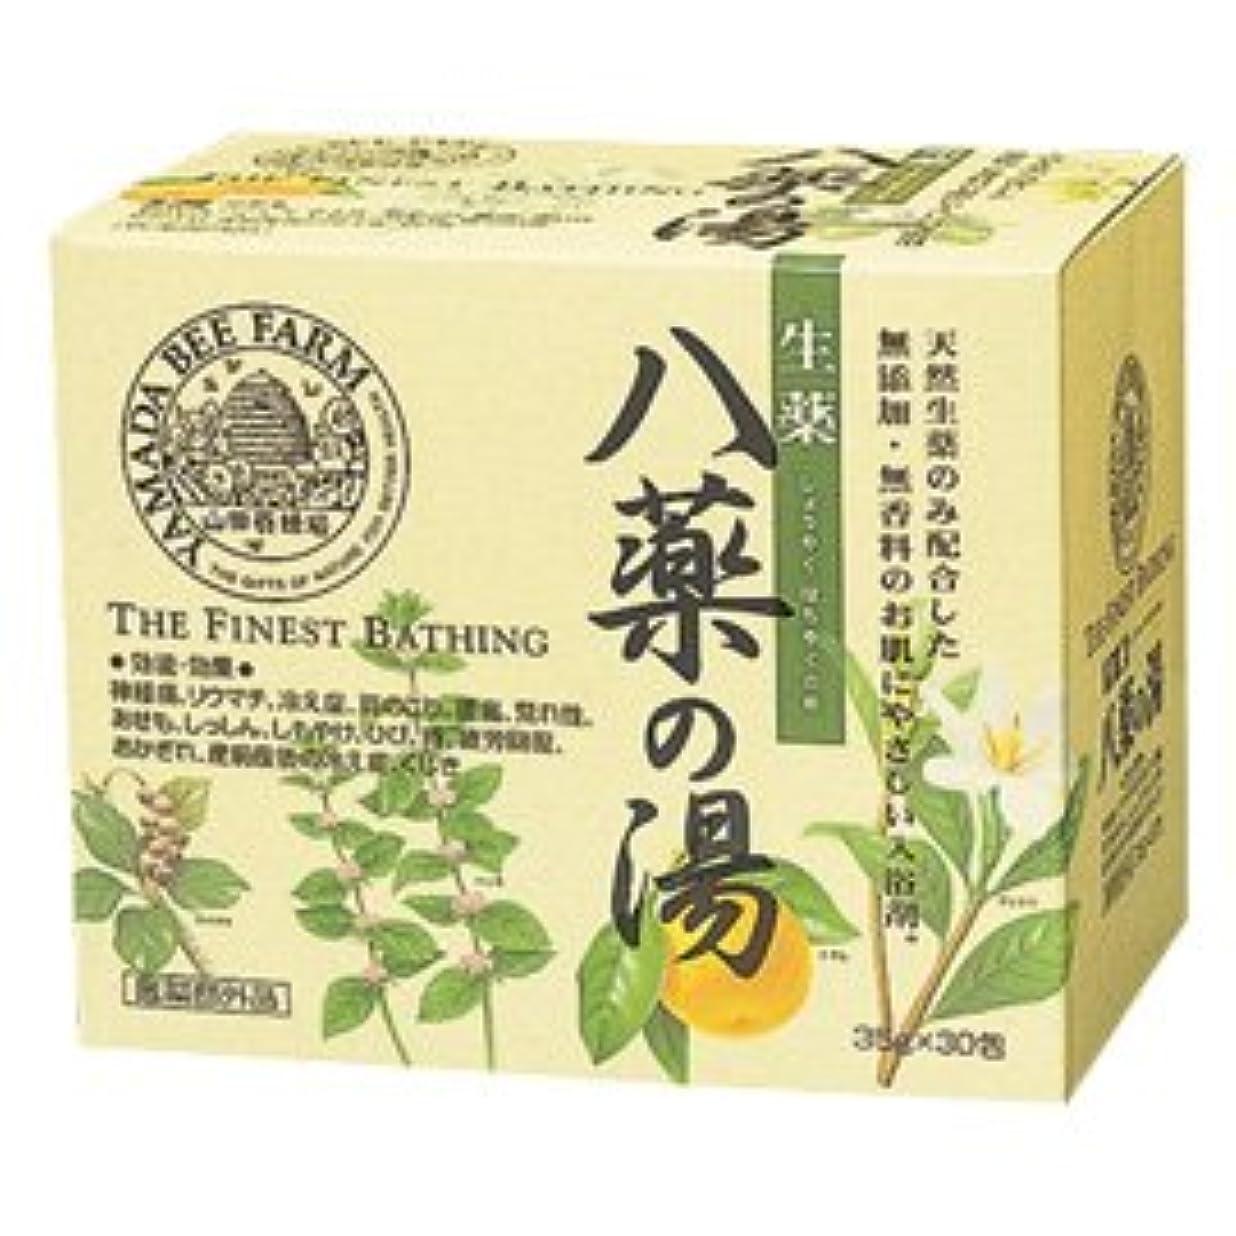 ハドルコーヒー異常な薬用入浴剤 生薬 八薬の湯 30包入